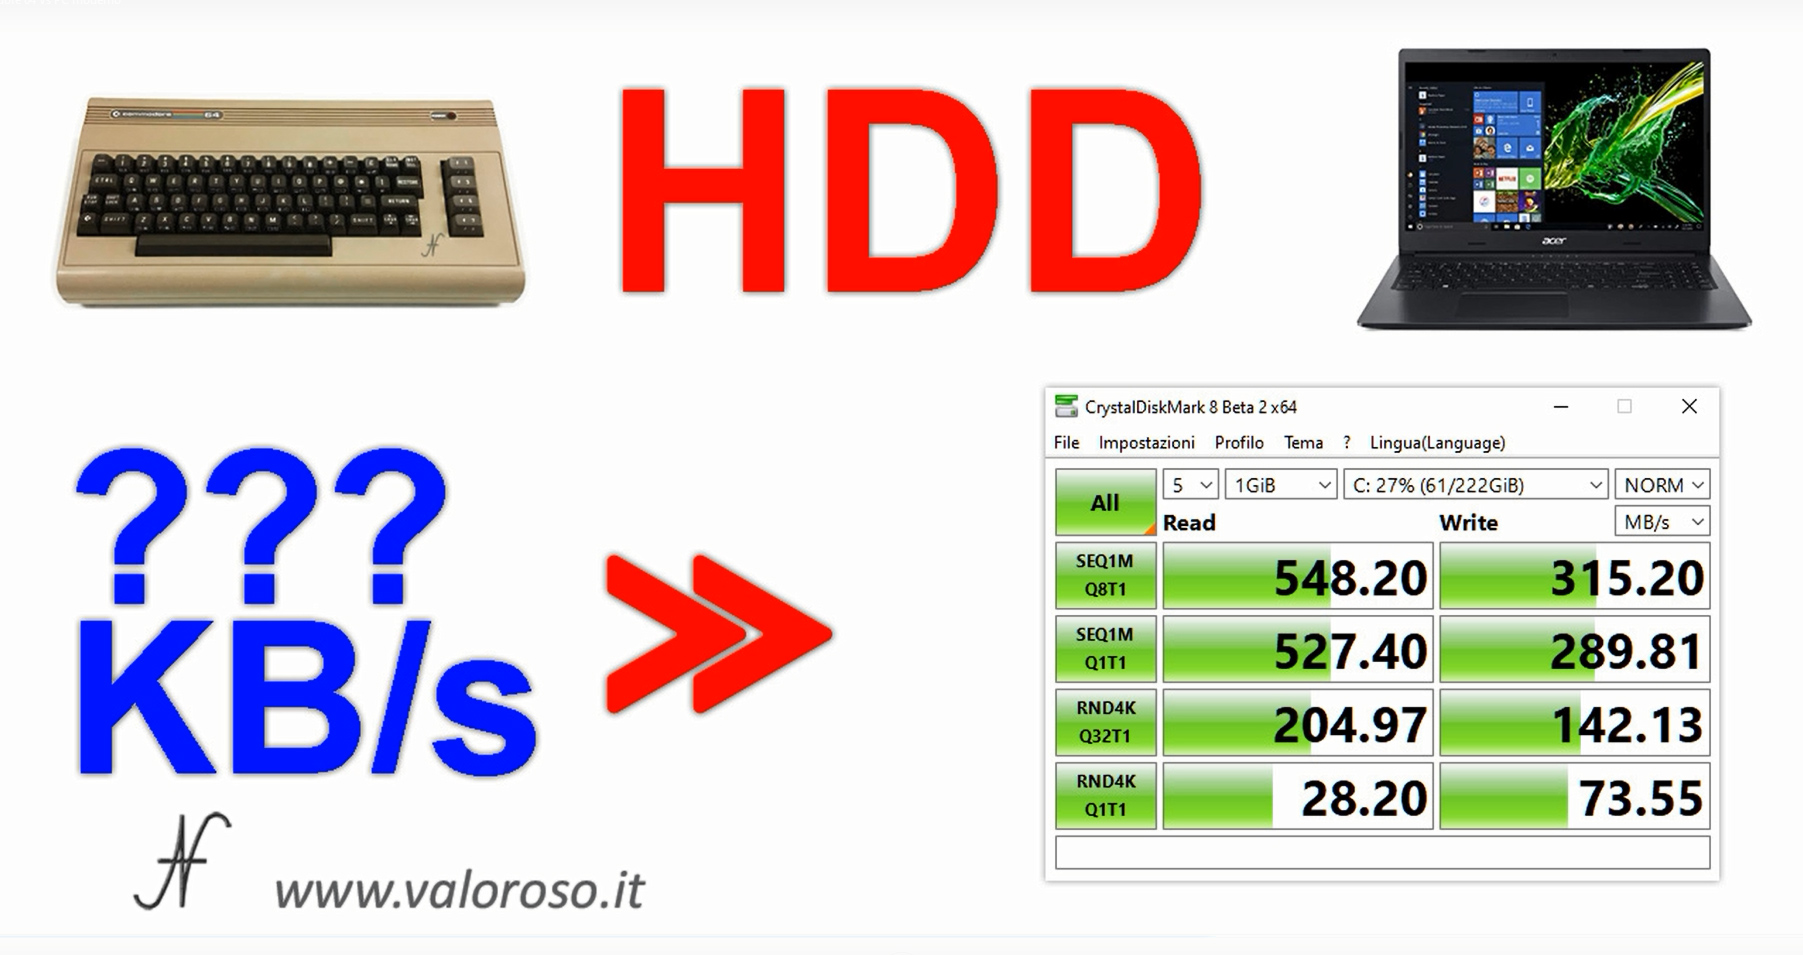 Commodore Vs PC moderno, paragone velocita trasferimento dati HDD hard disk SSD, KB/s, MB/s